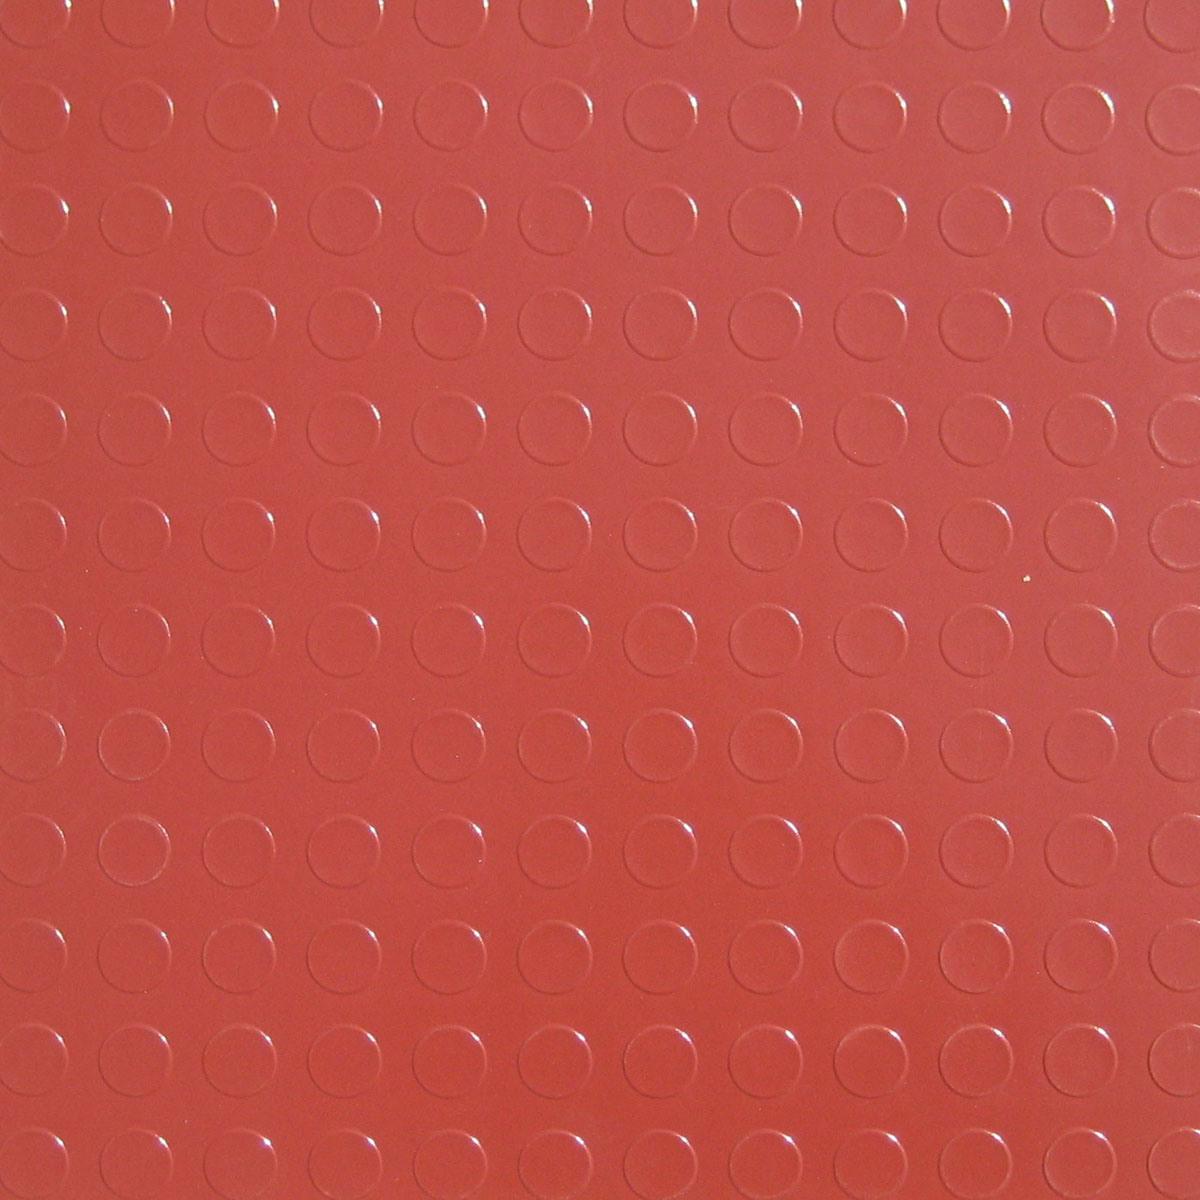 Vinyl Flooring Contractors Northern Ireland: Pvc Floor Tiles